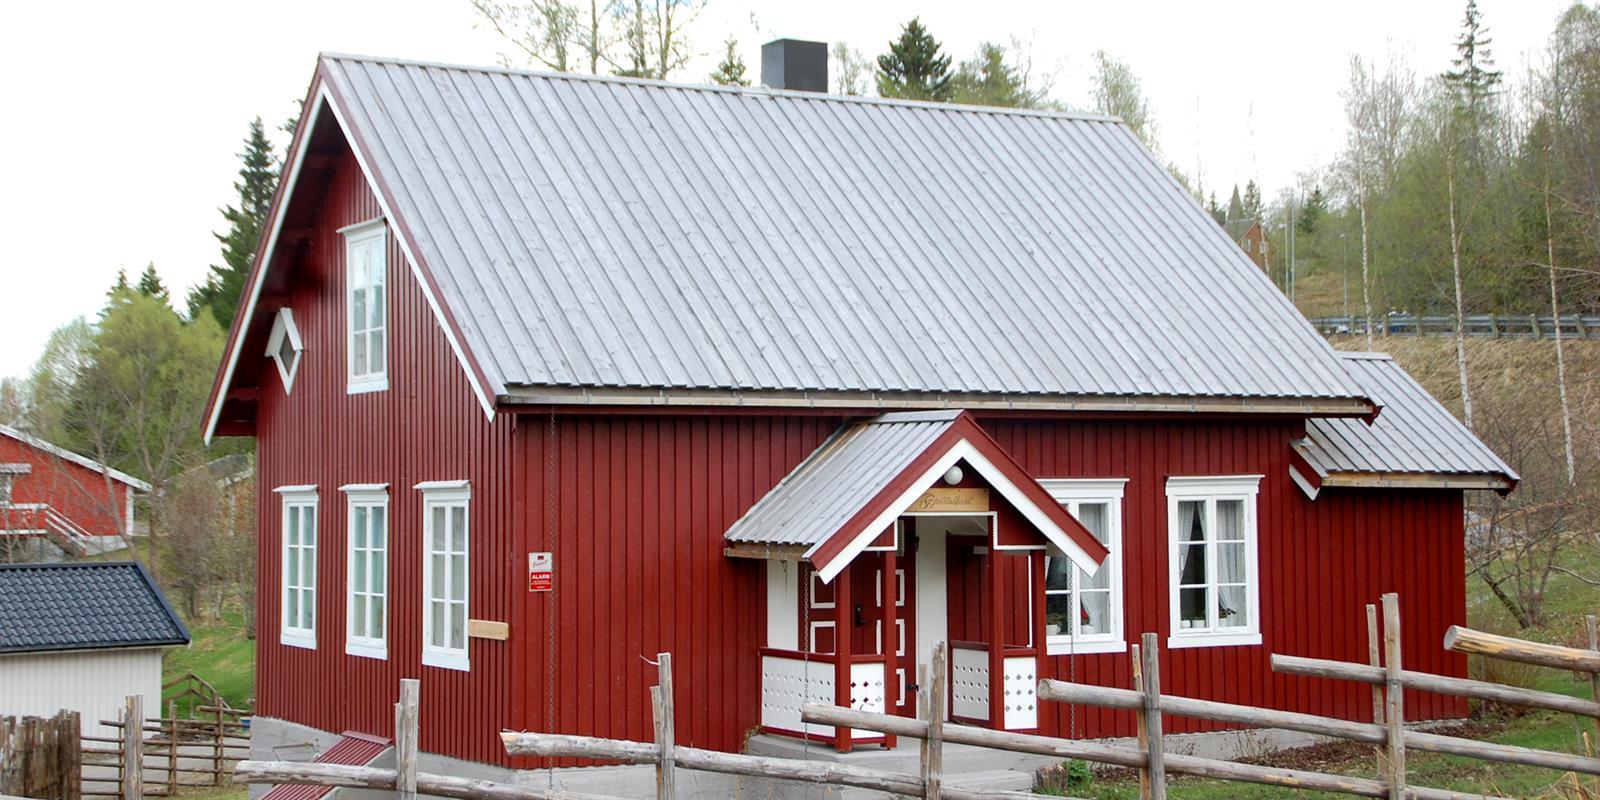 Gjerstadhuset